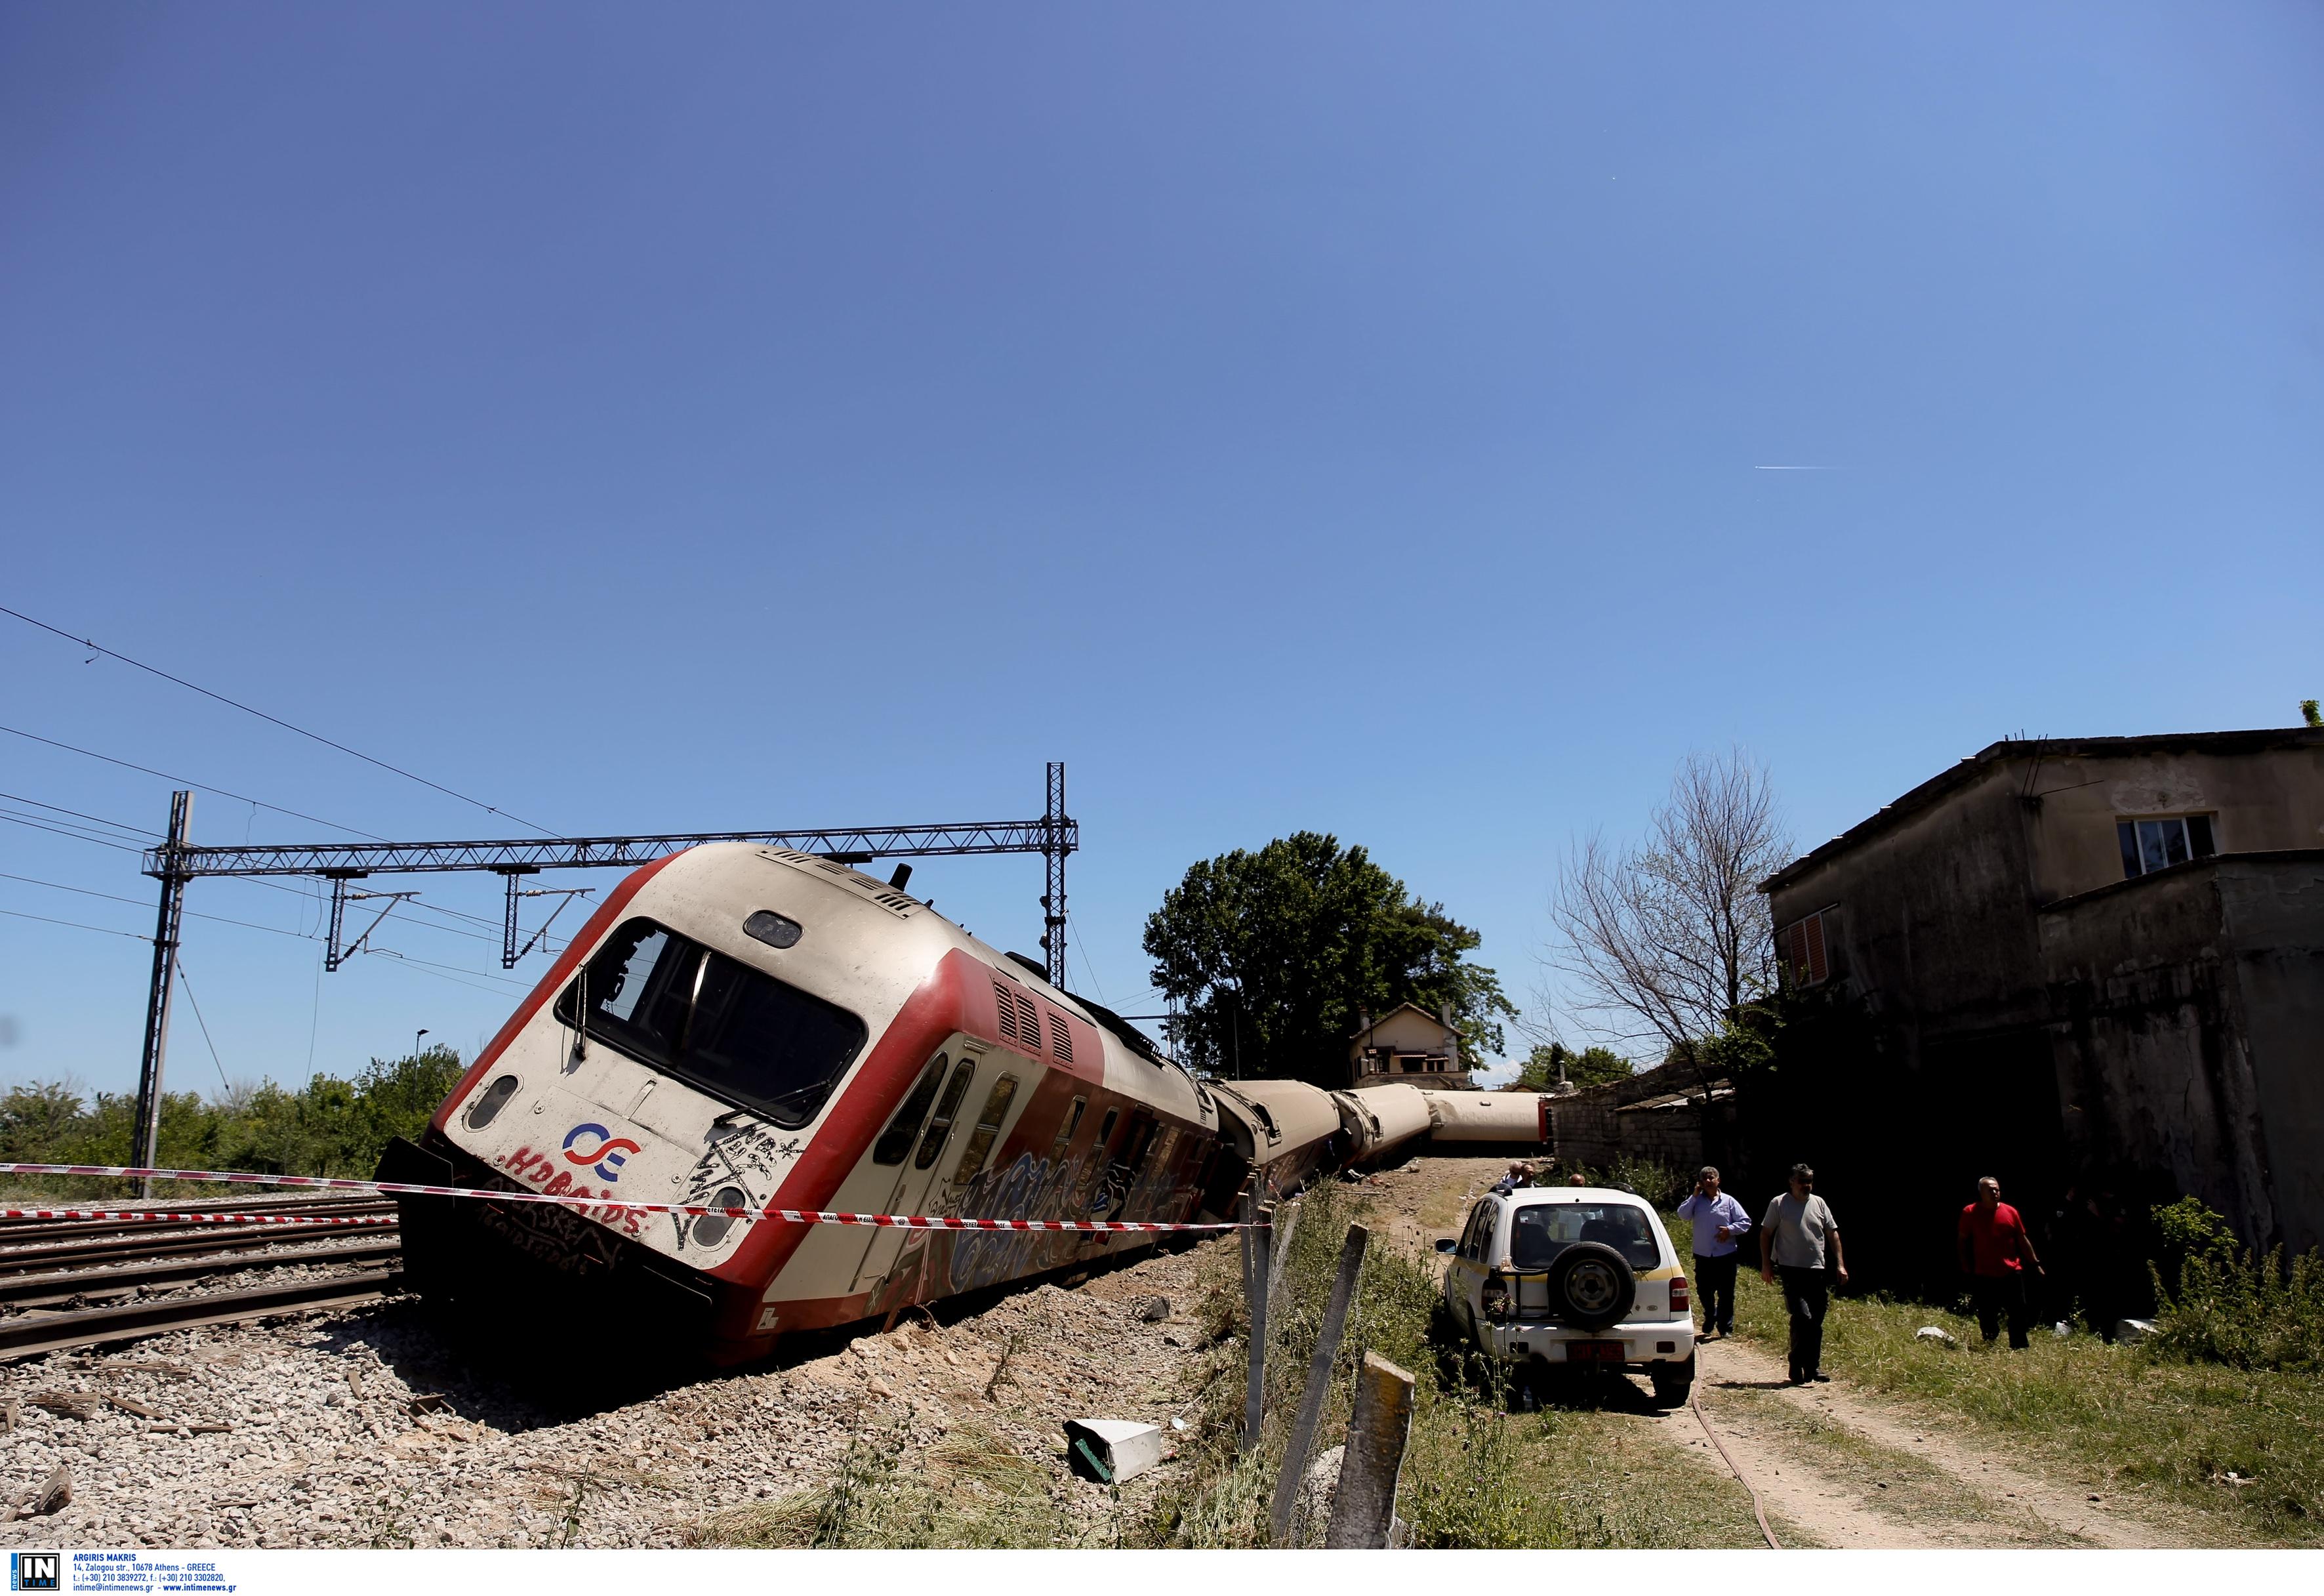 ΟΣΕ – Σέρρες: Αποκαταστάθηκε η σιδηροδρομική γραμμή μετά τον εκτροχιασμό βαγονιών με καύσιμα